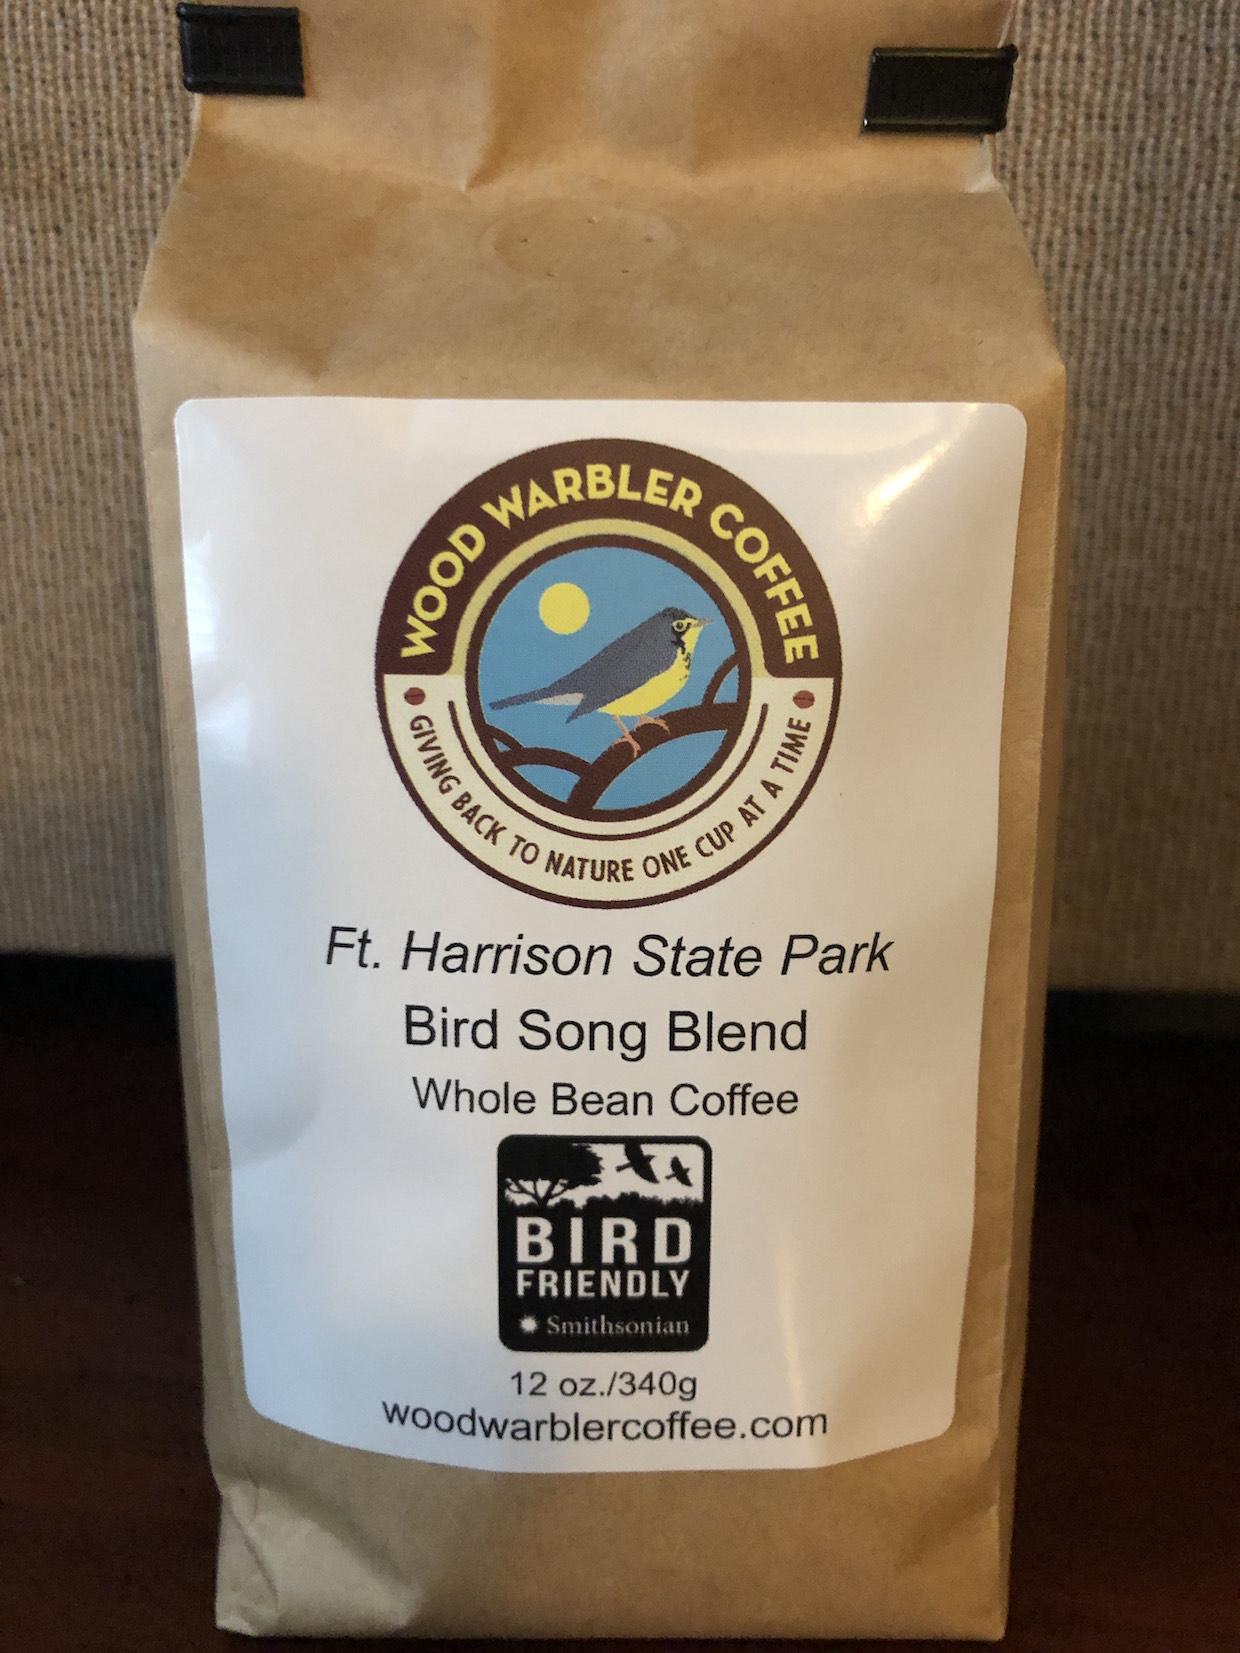 Wood Warbler Coffee bag